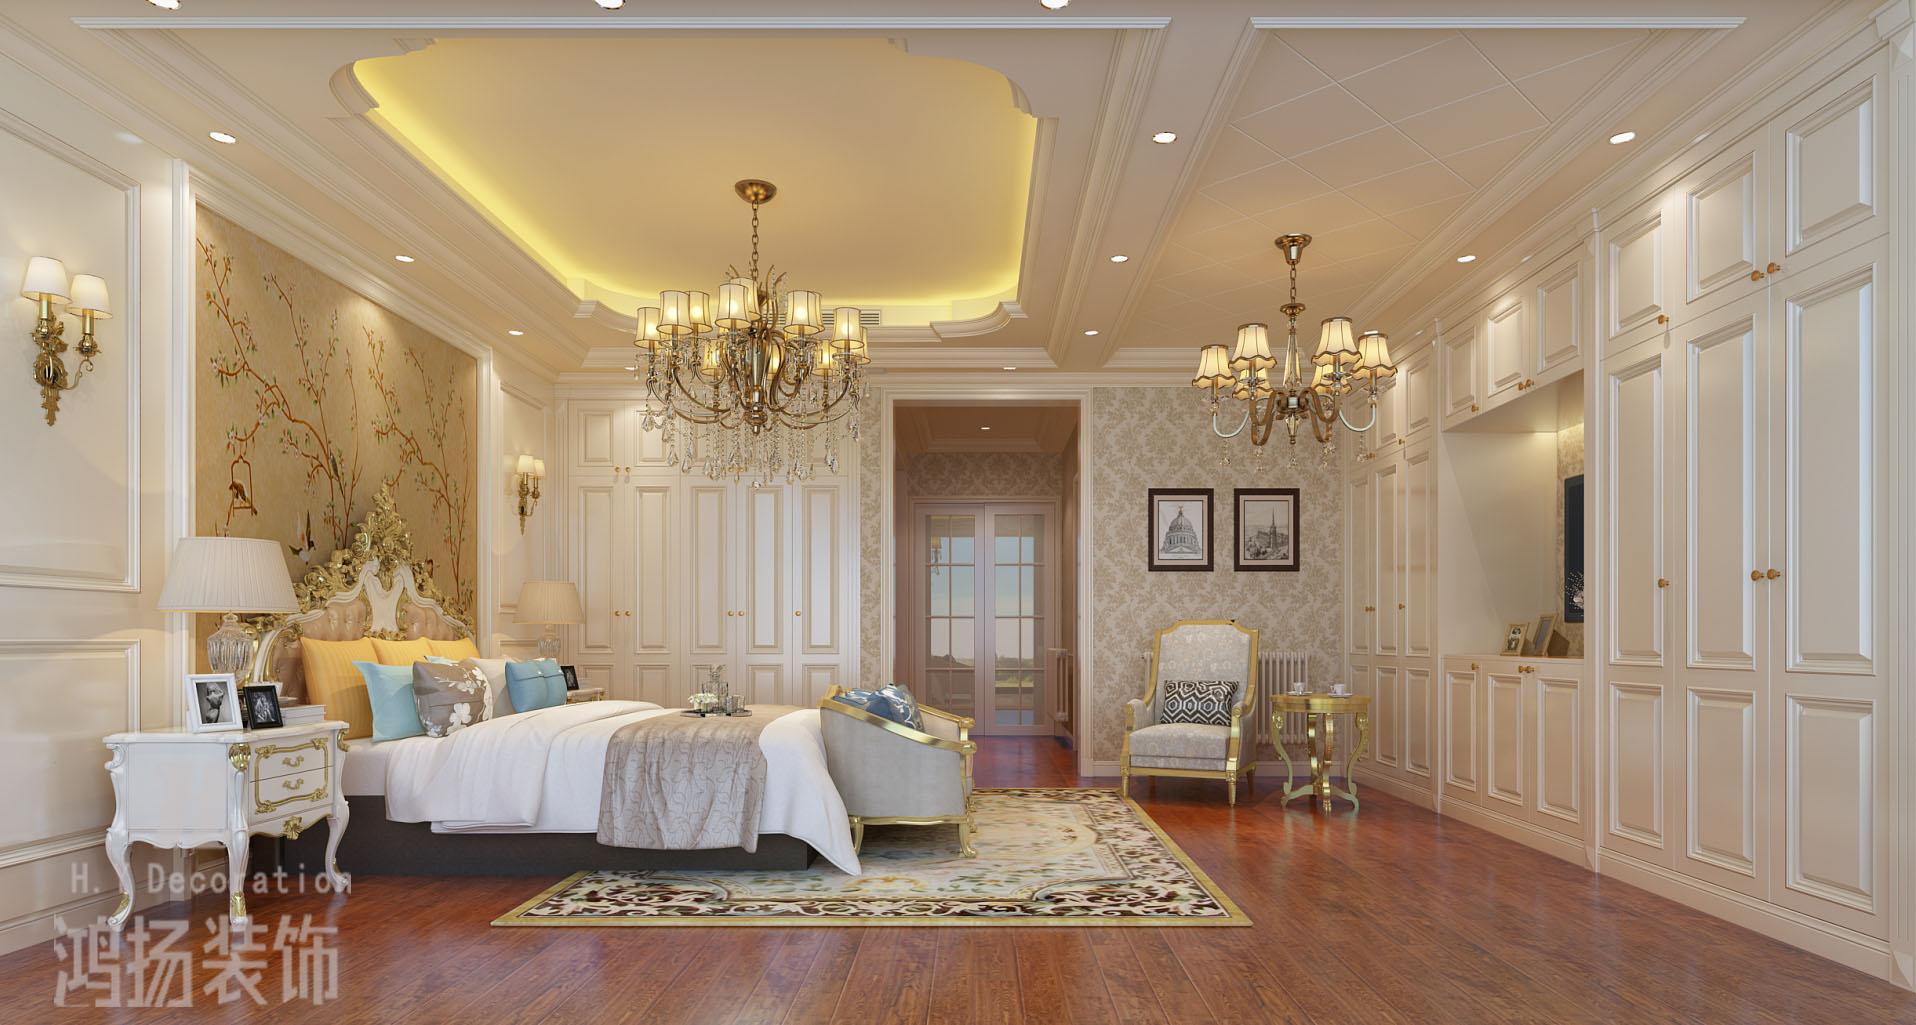 别墅欧式风格18万半包陈超碧桂园-二楼主卧2拷贝